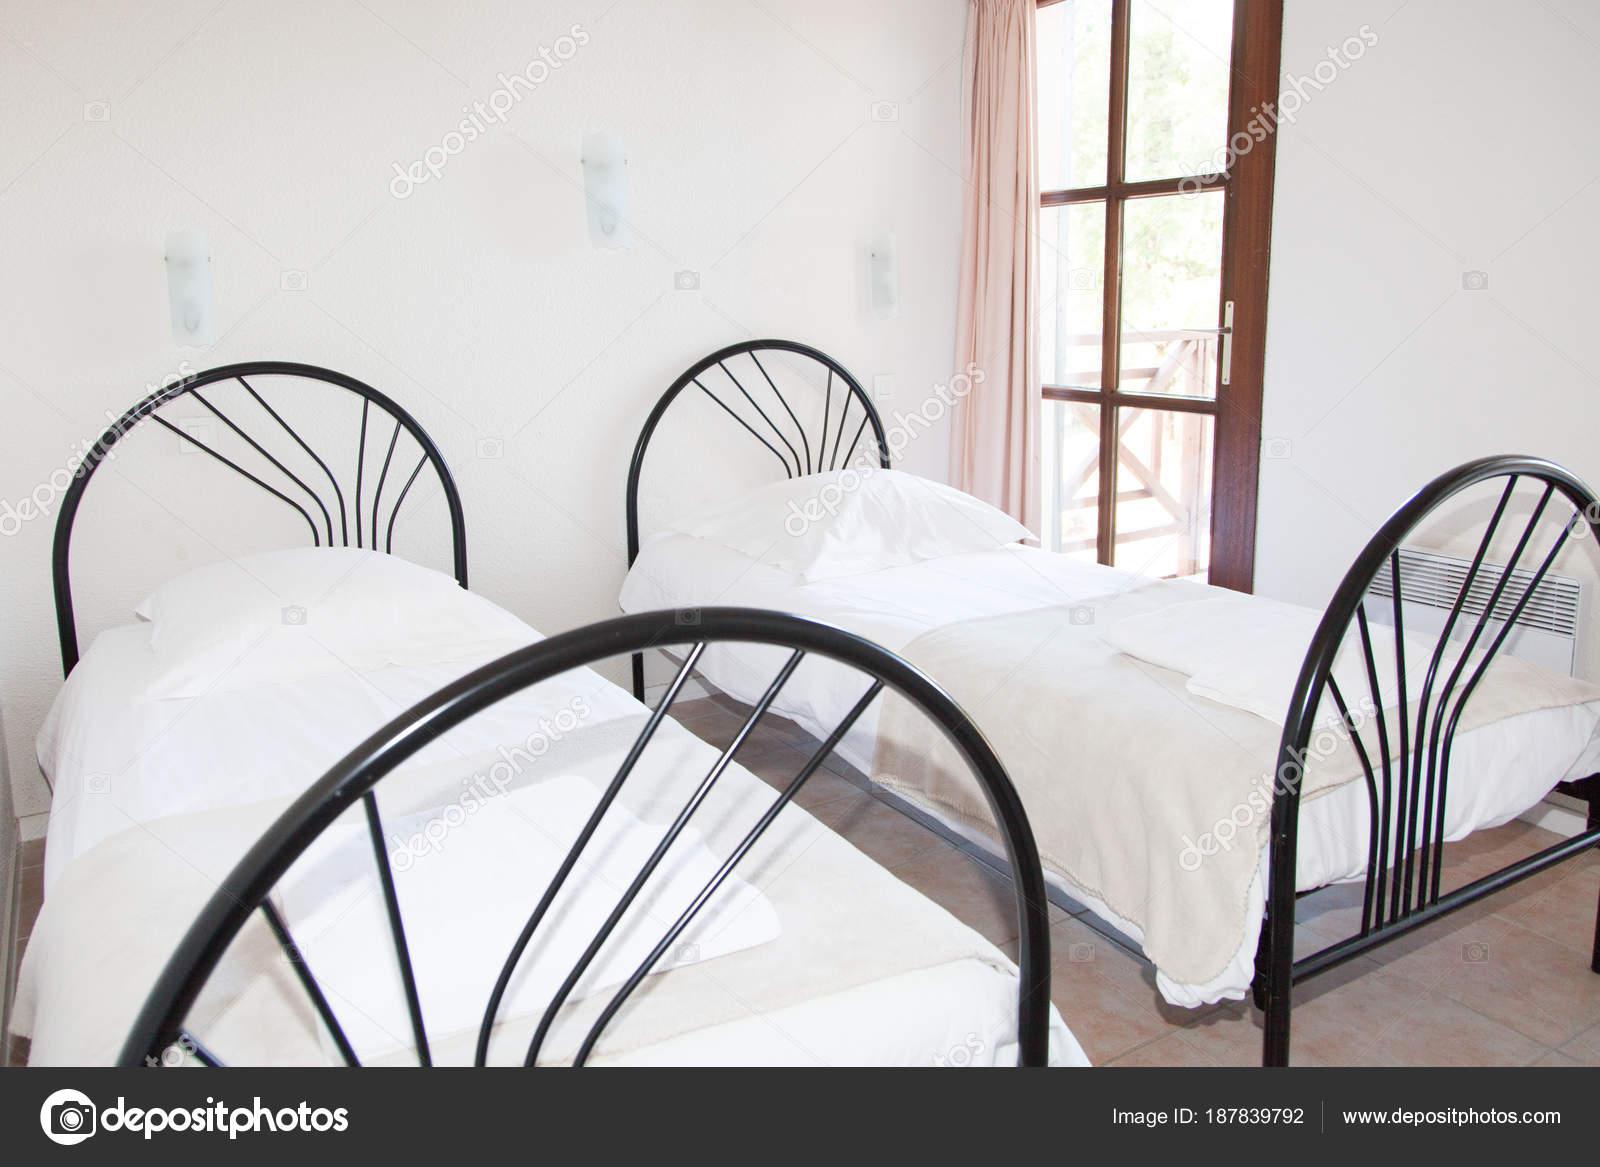 Einzelbett für kinder  Zwei Metall Einzelbett Für Kinder Hotel Resort Zimmer — Stockfoto ...